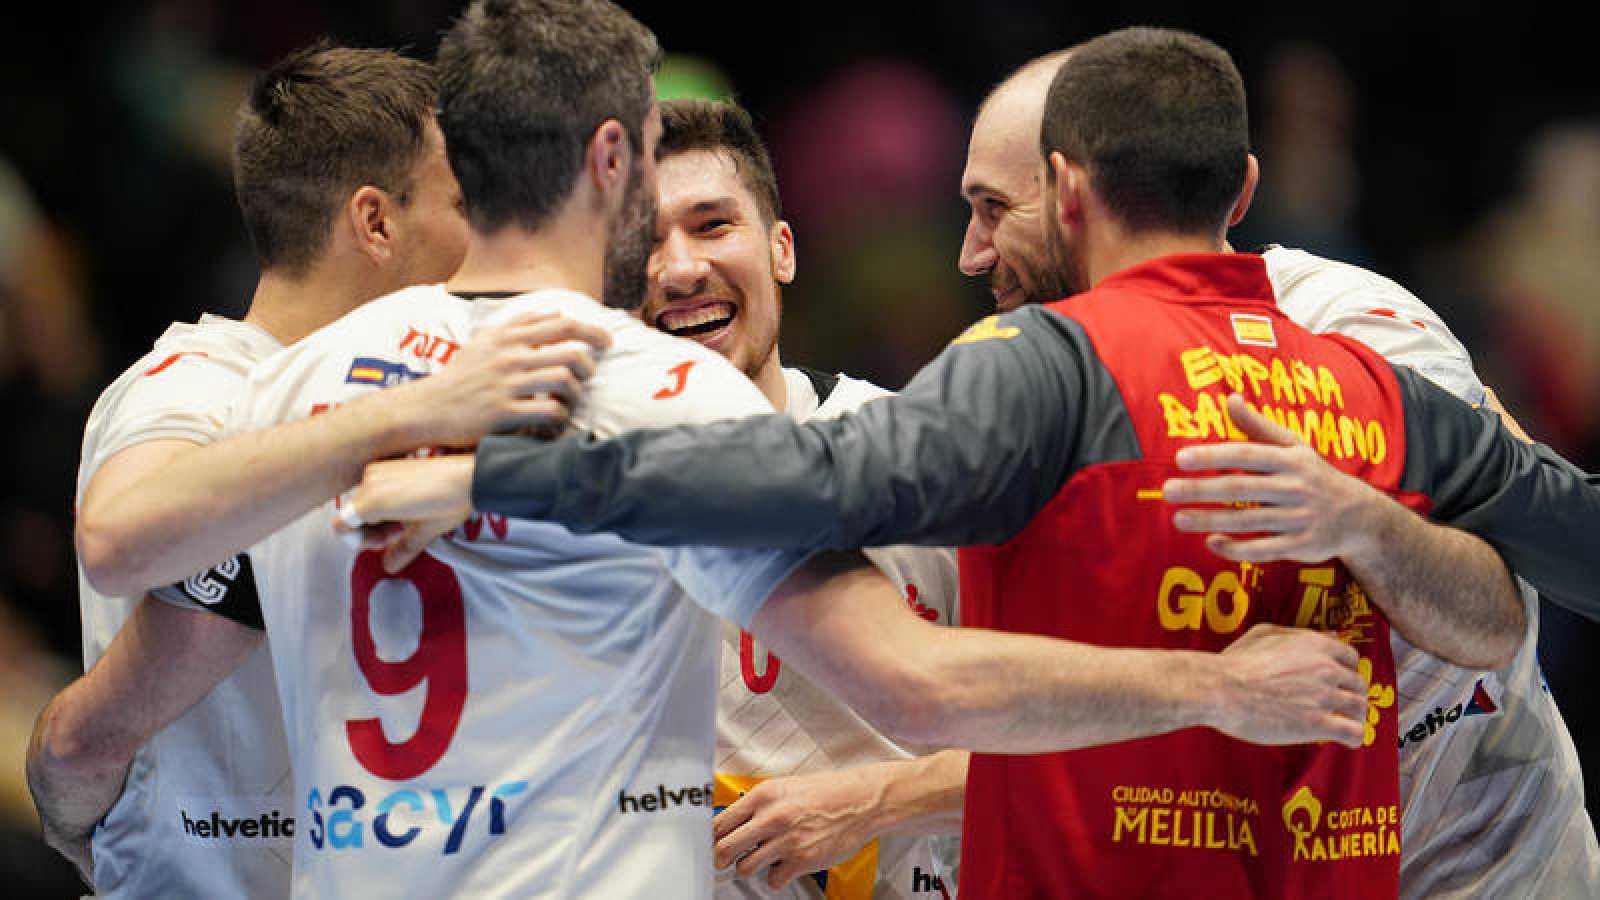 Jugadores de la selección española de balonmano celebran la victoria frente a Alemania.